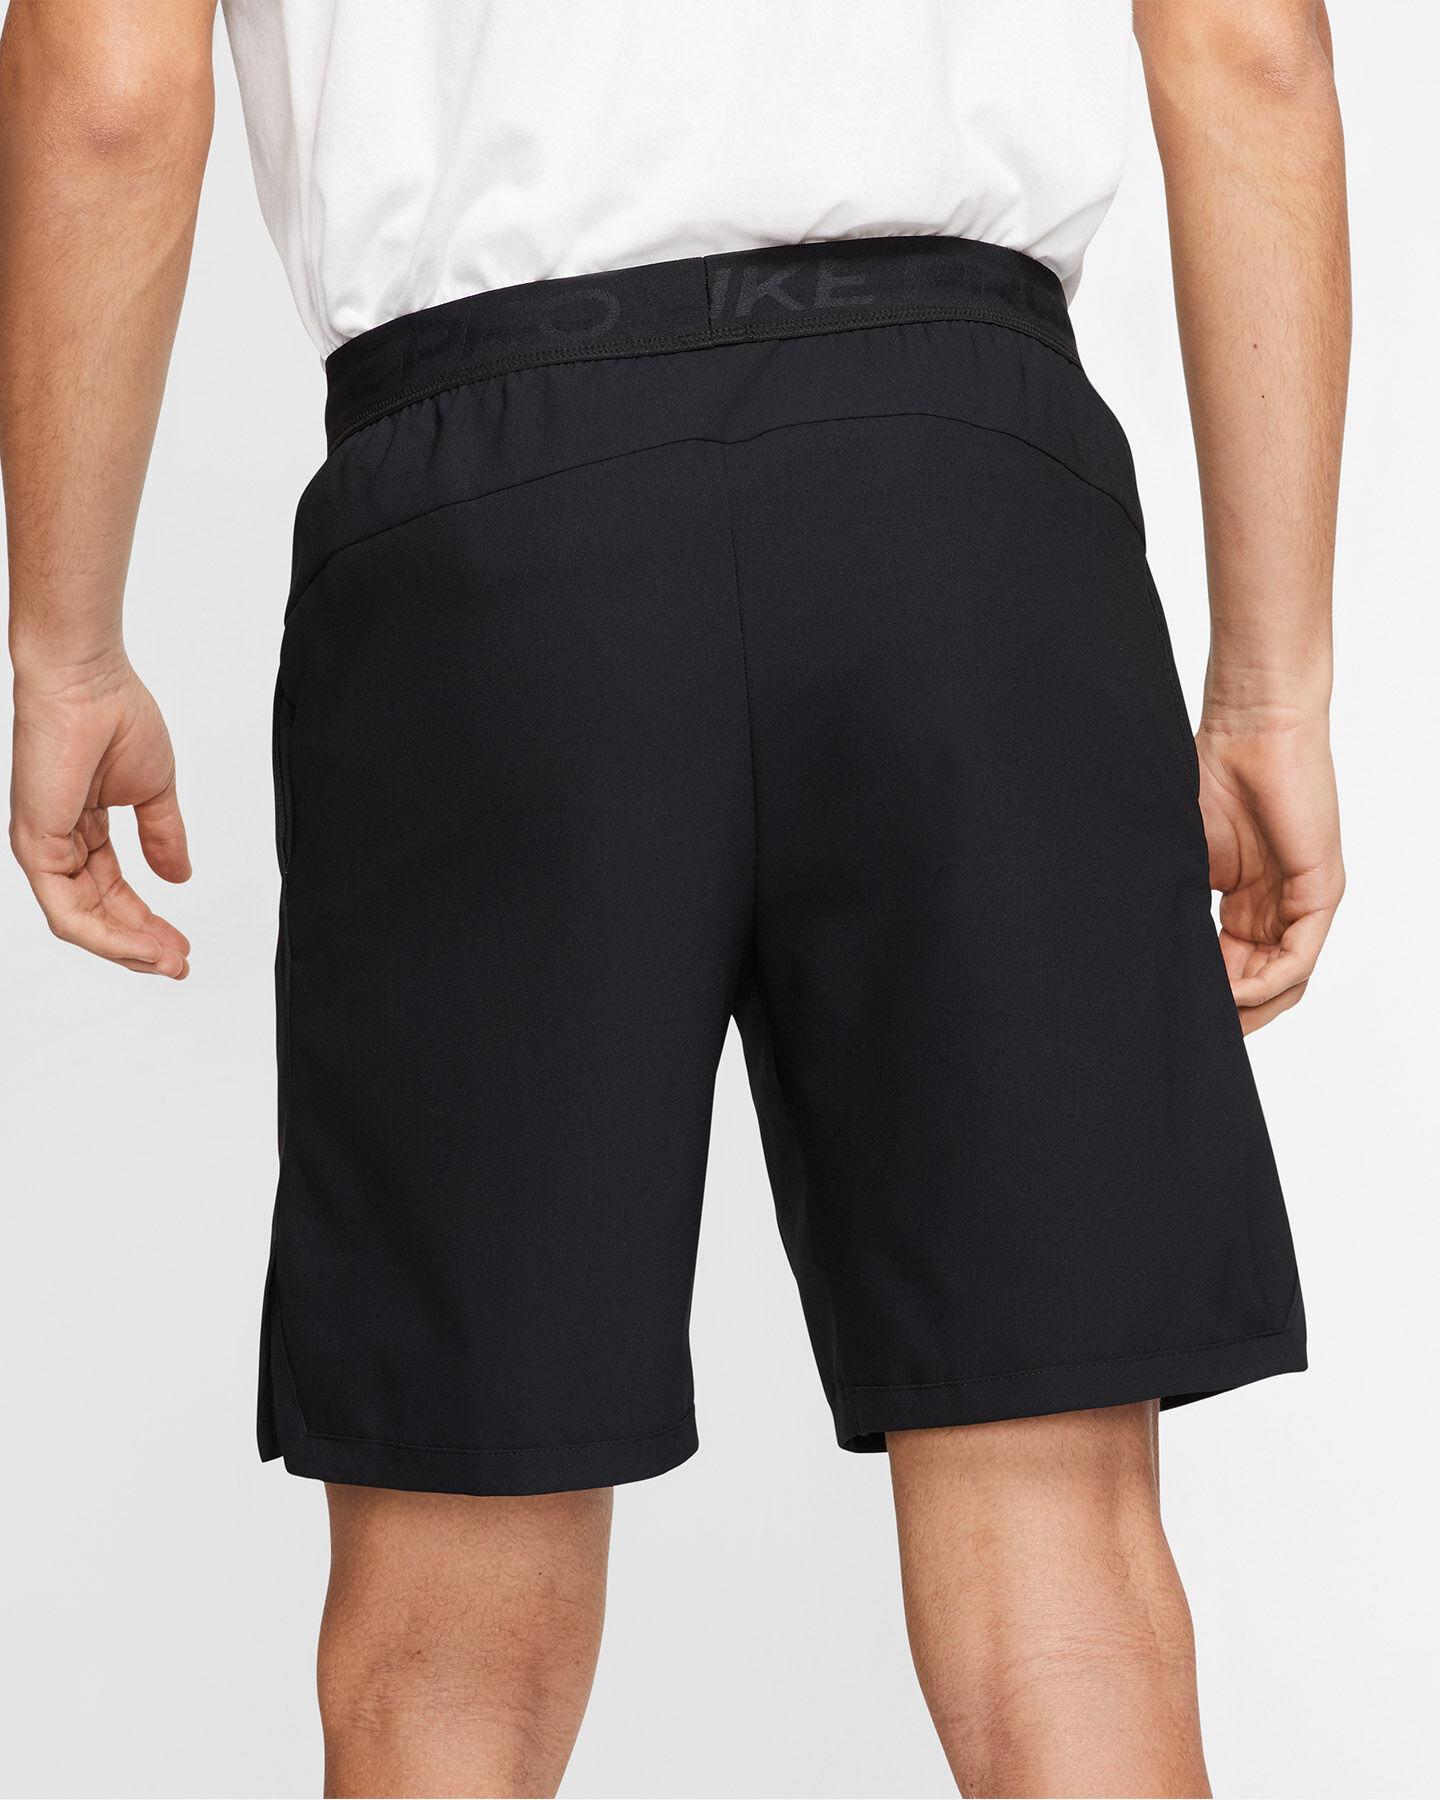 Pantalone training NIKE PRO FLEX VENT MAX 3.0 M S5163988 scatto 4